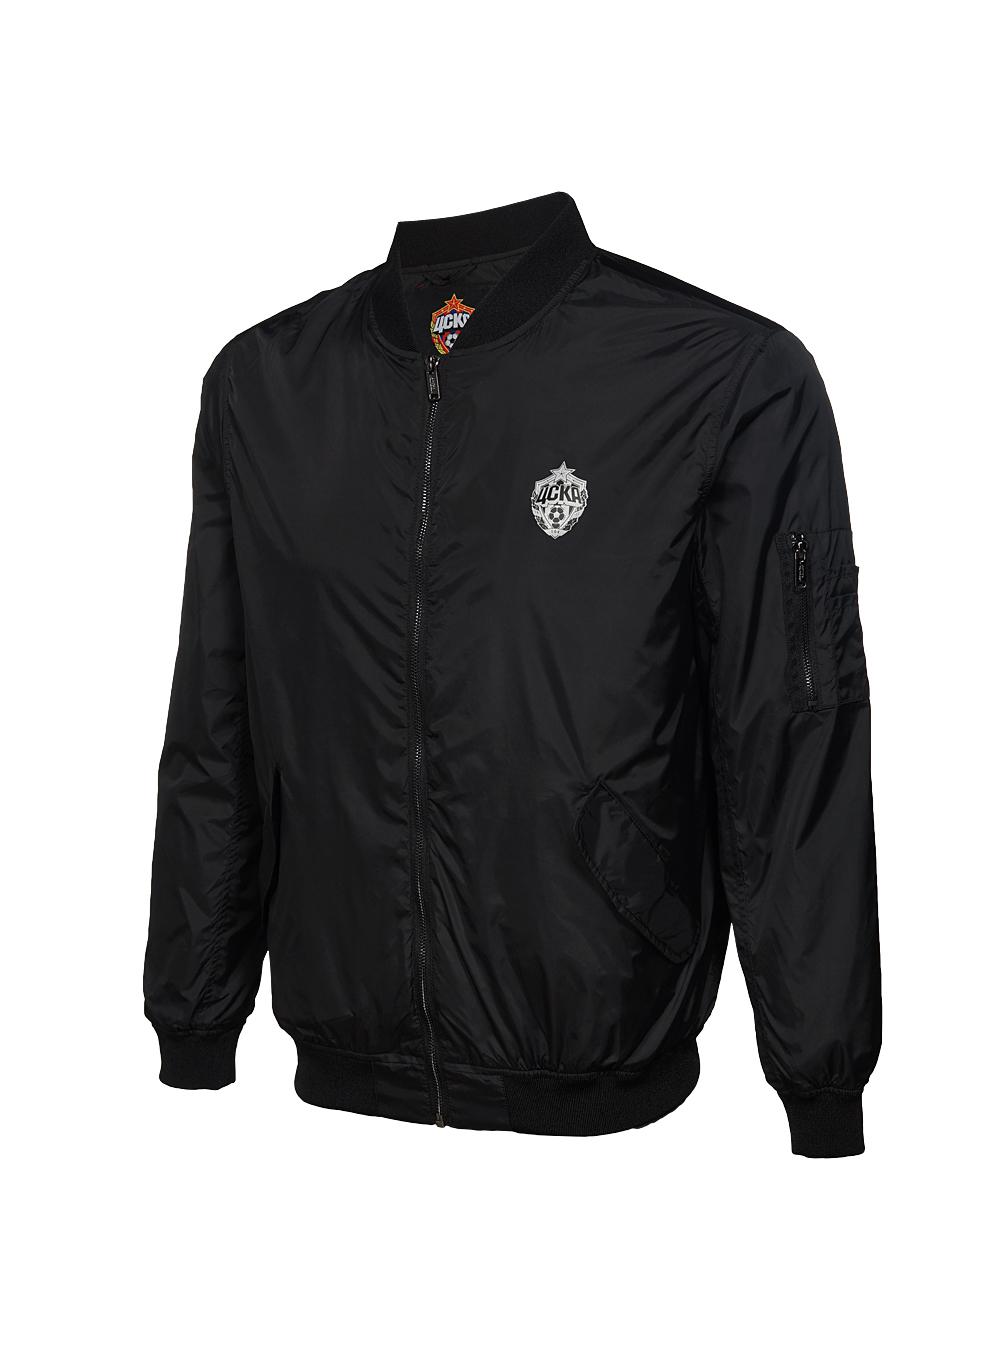 Куртка-бомбер, цвет чёрный (S) фото